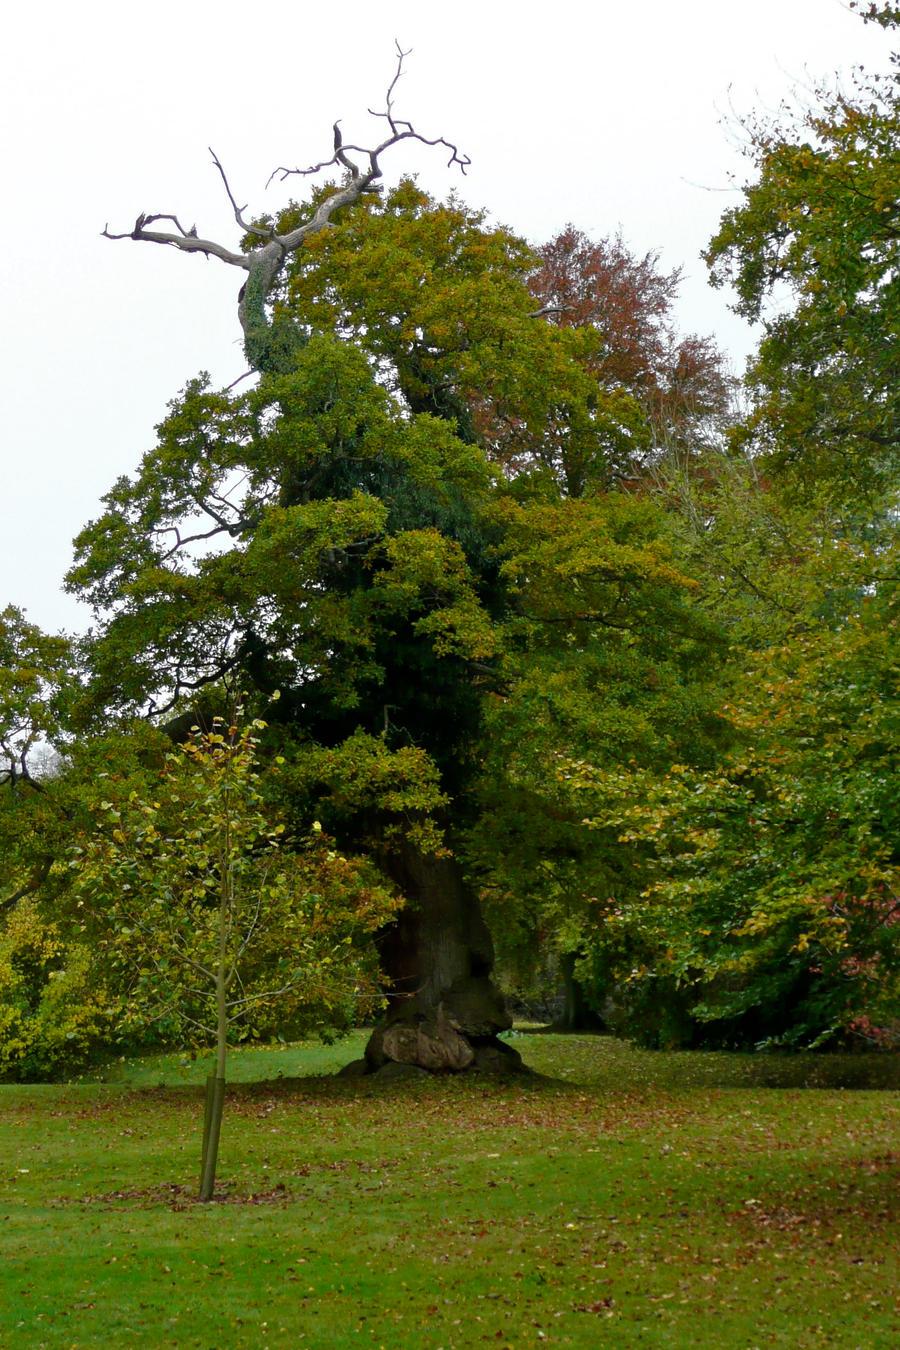 Talking Tree by lami